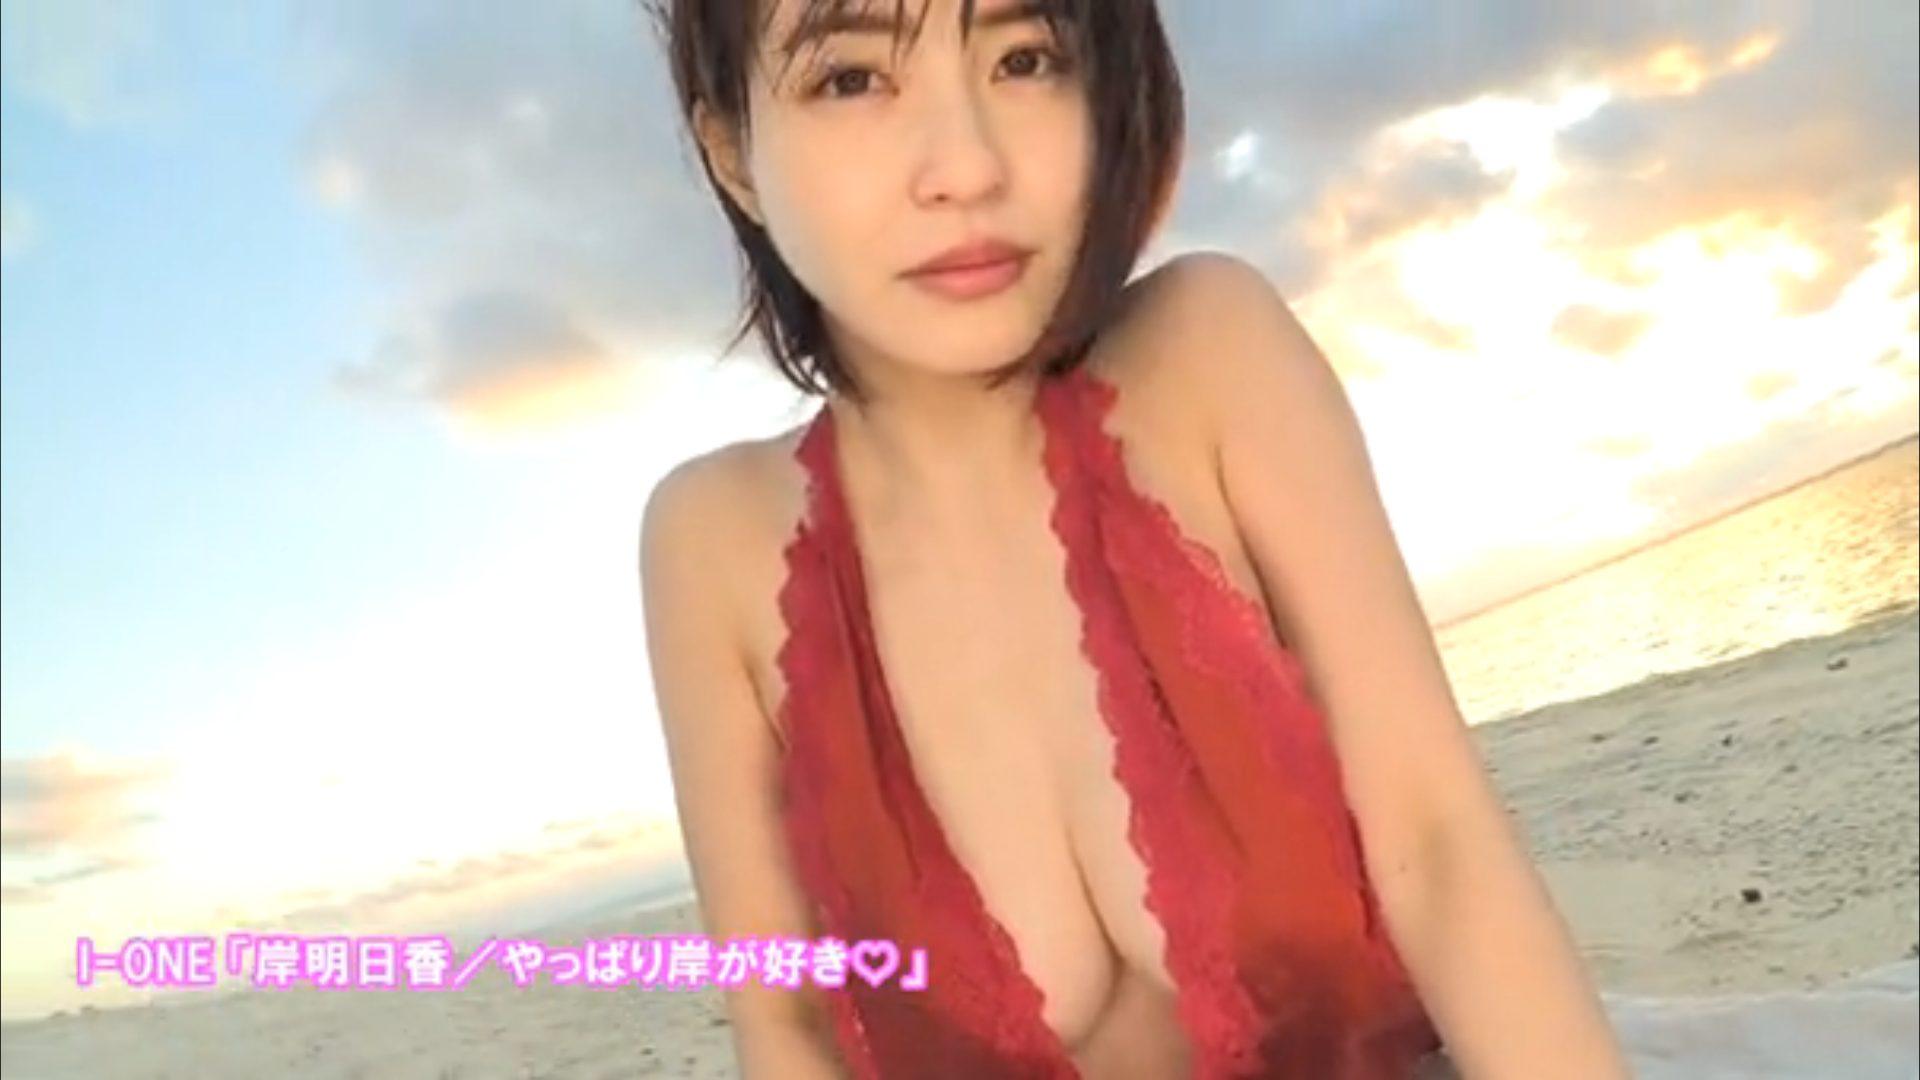 【岸明日香】Gカップ24 「やっぱり岸が好き♡」サンプル動画